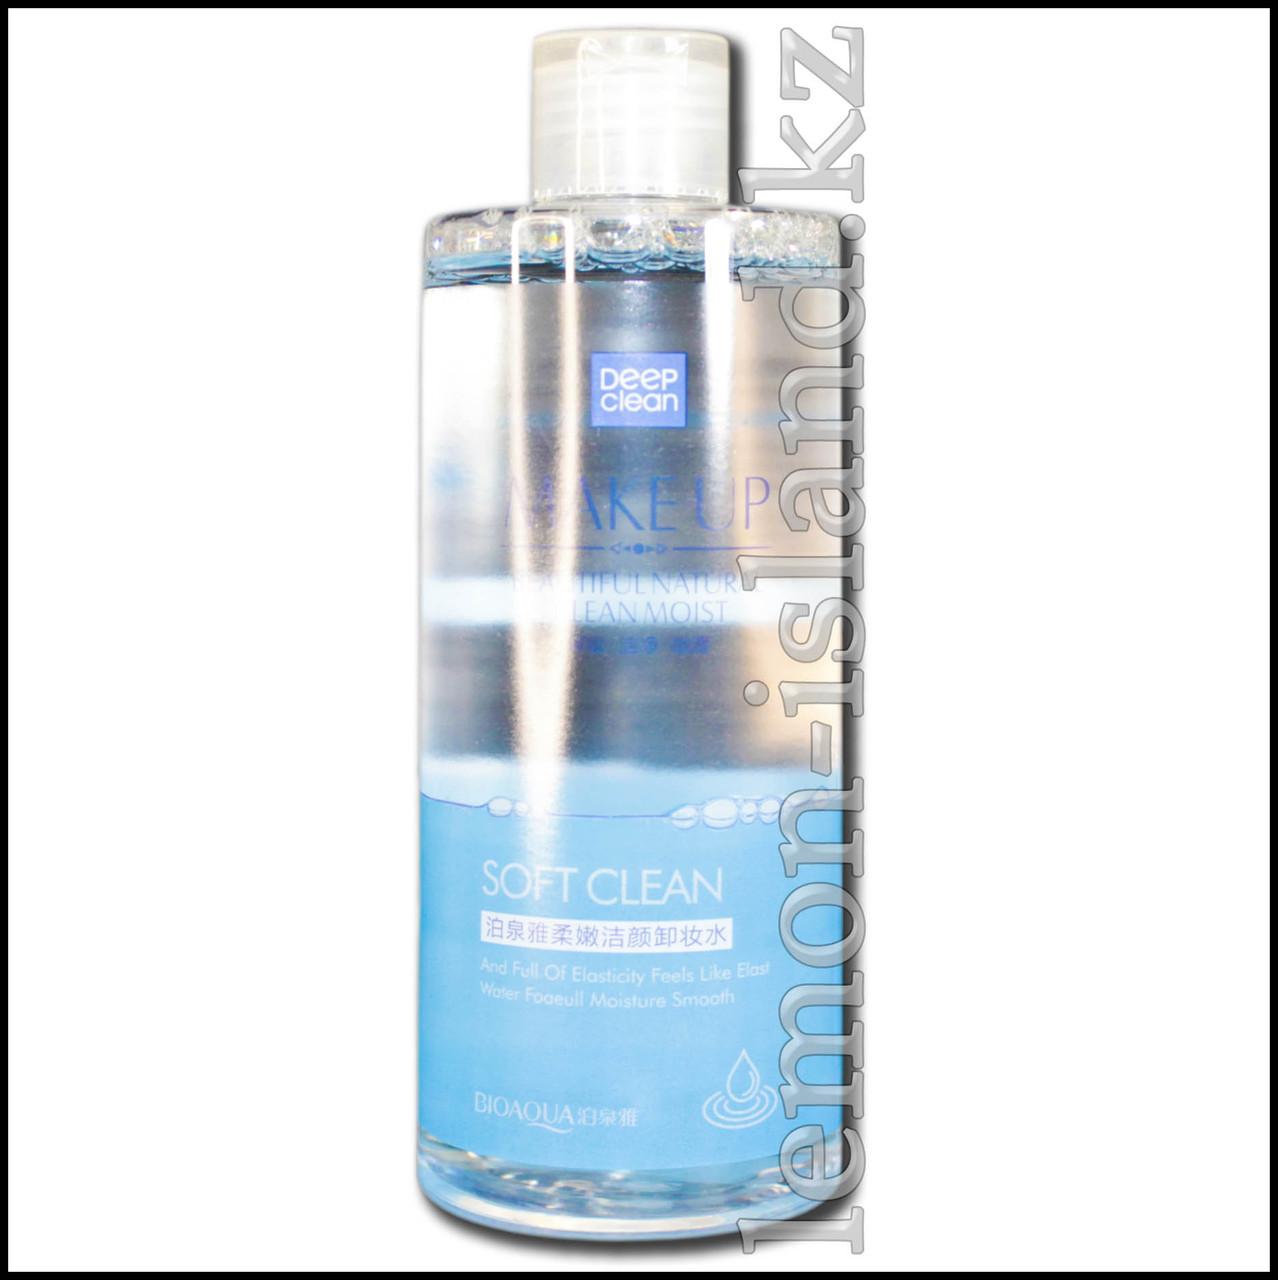 Мицеллярная вода (жидкость для снятия макияжа) BioAqua Deep Clean